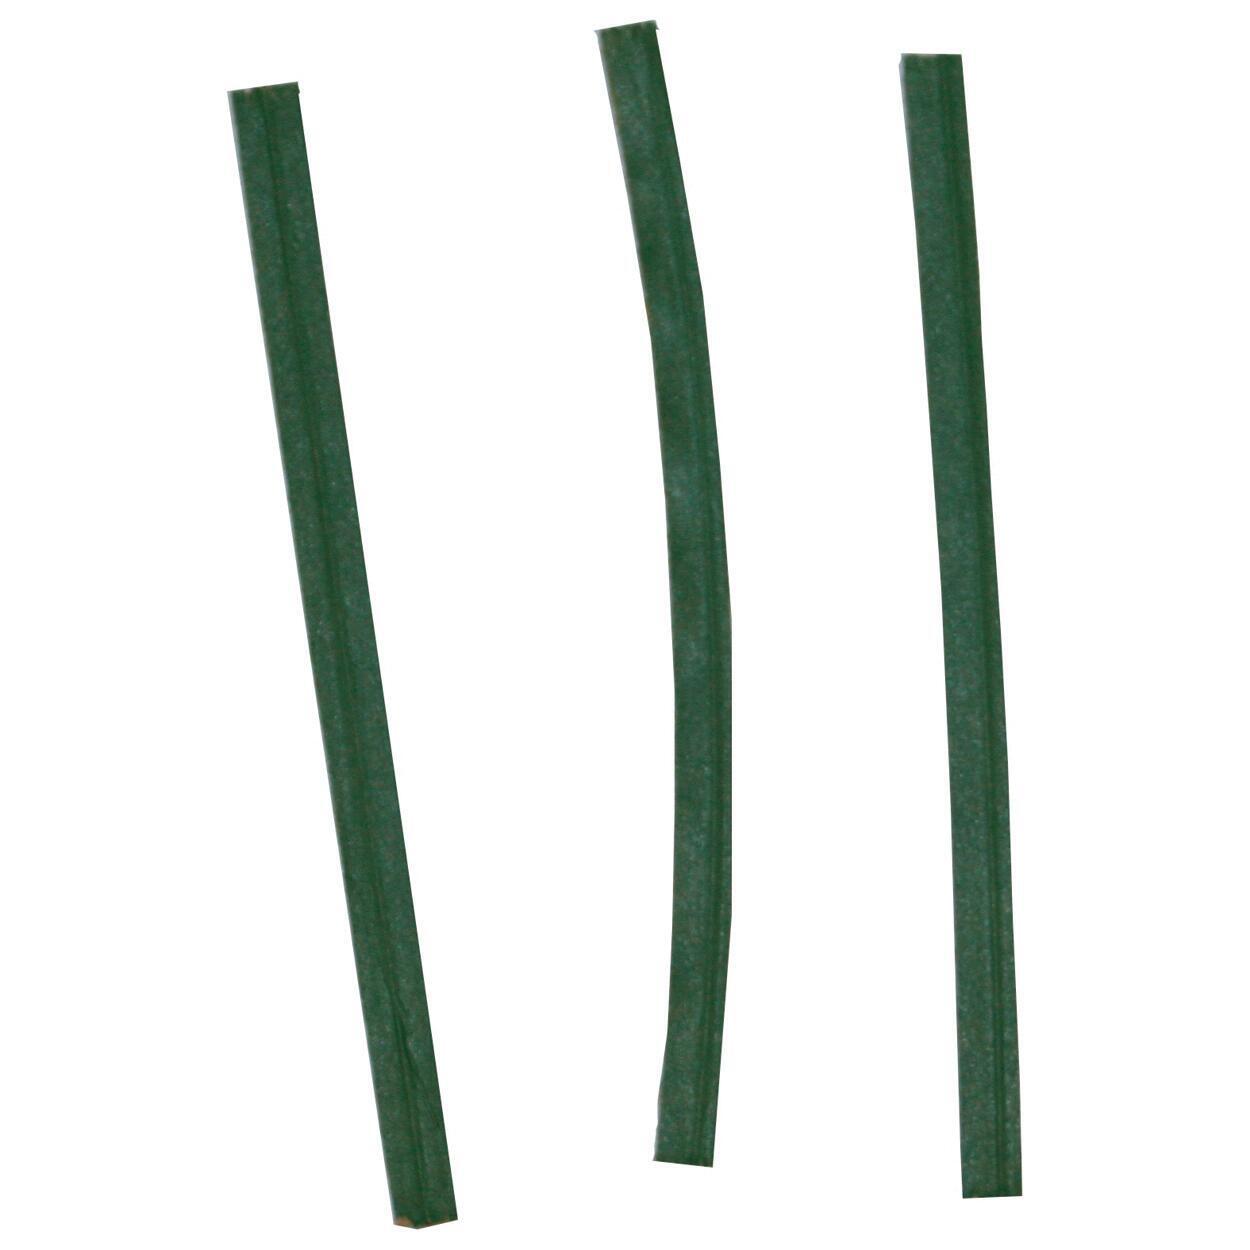 Fascetta semplice verde in acciaio 10 cm x 100 pezzi - 3